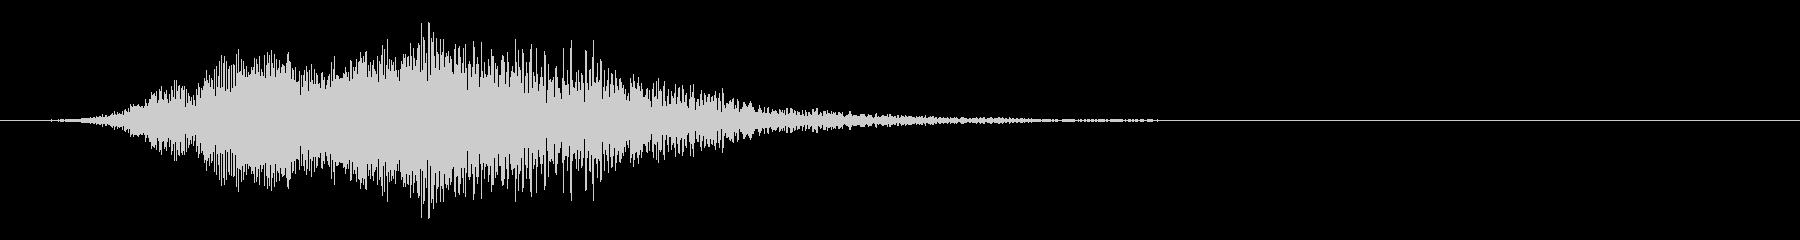 ローランブルミディアムテールのディ...の未再生の波形